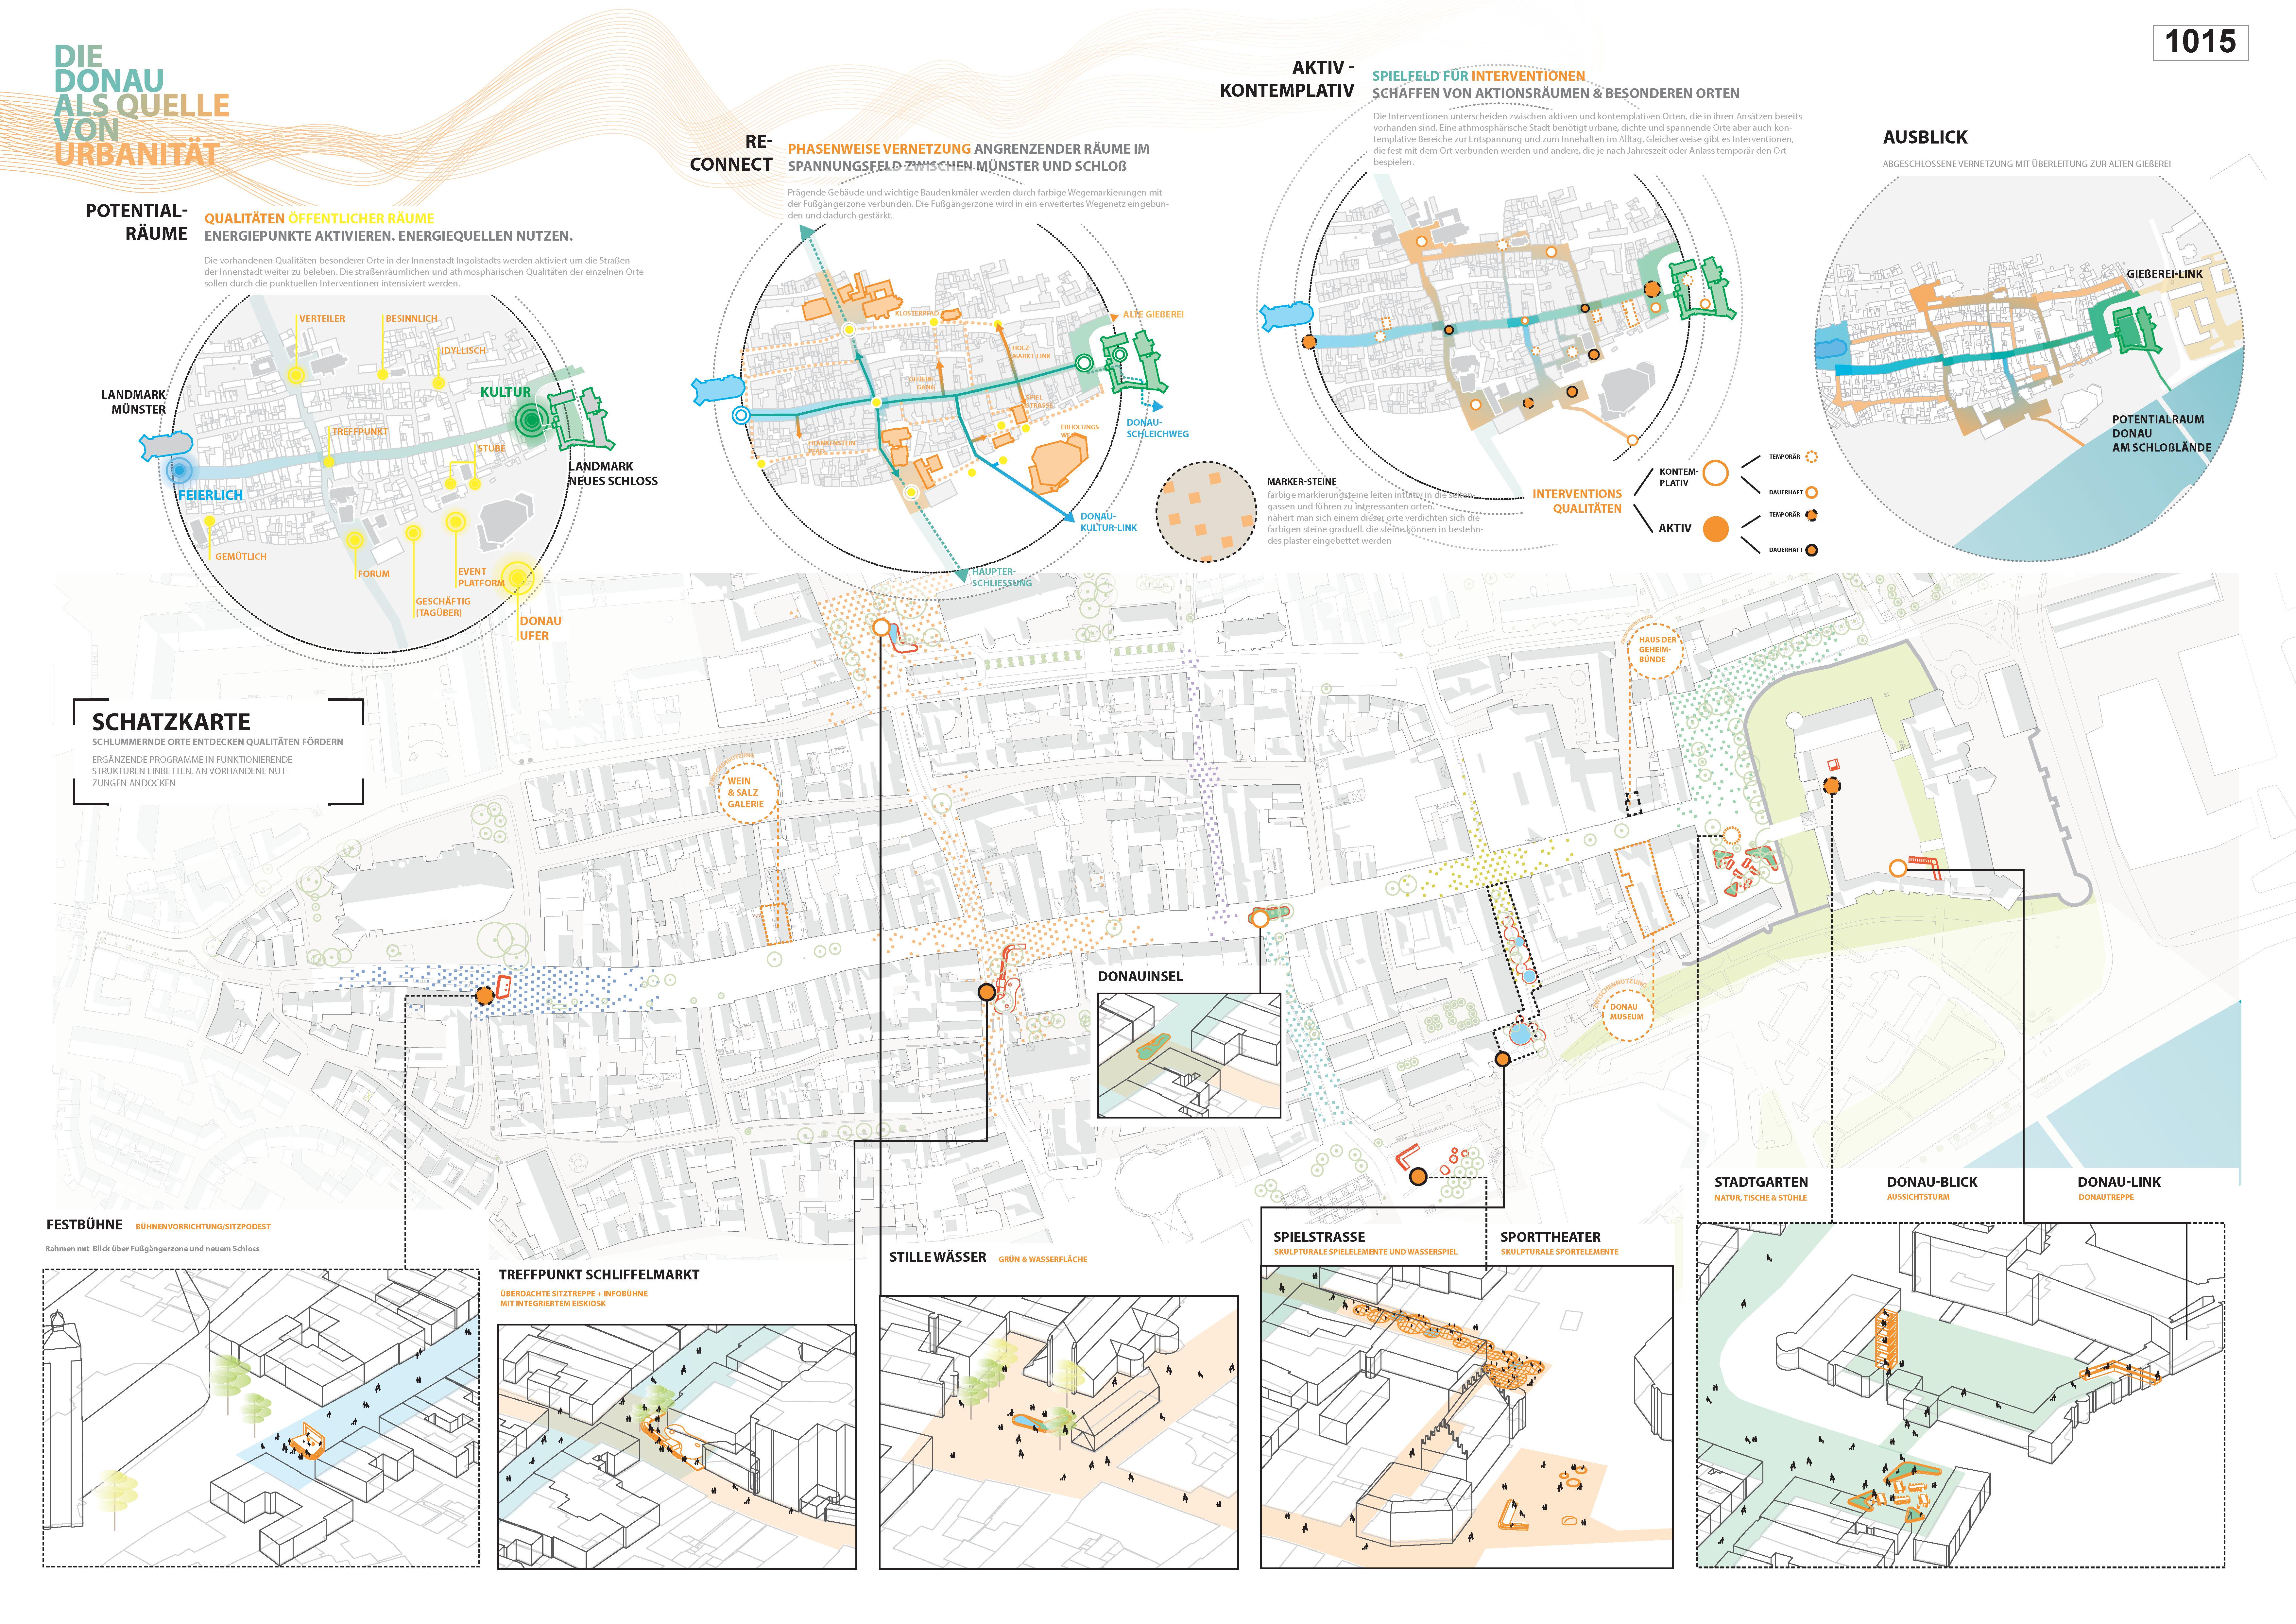 Preisgruppe 1. Stufe Planungswettbewerb Neugestaltung Fußgängerzone Arbeit 5 (1015)